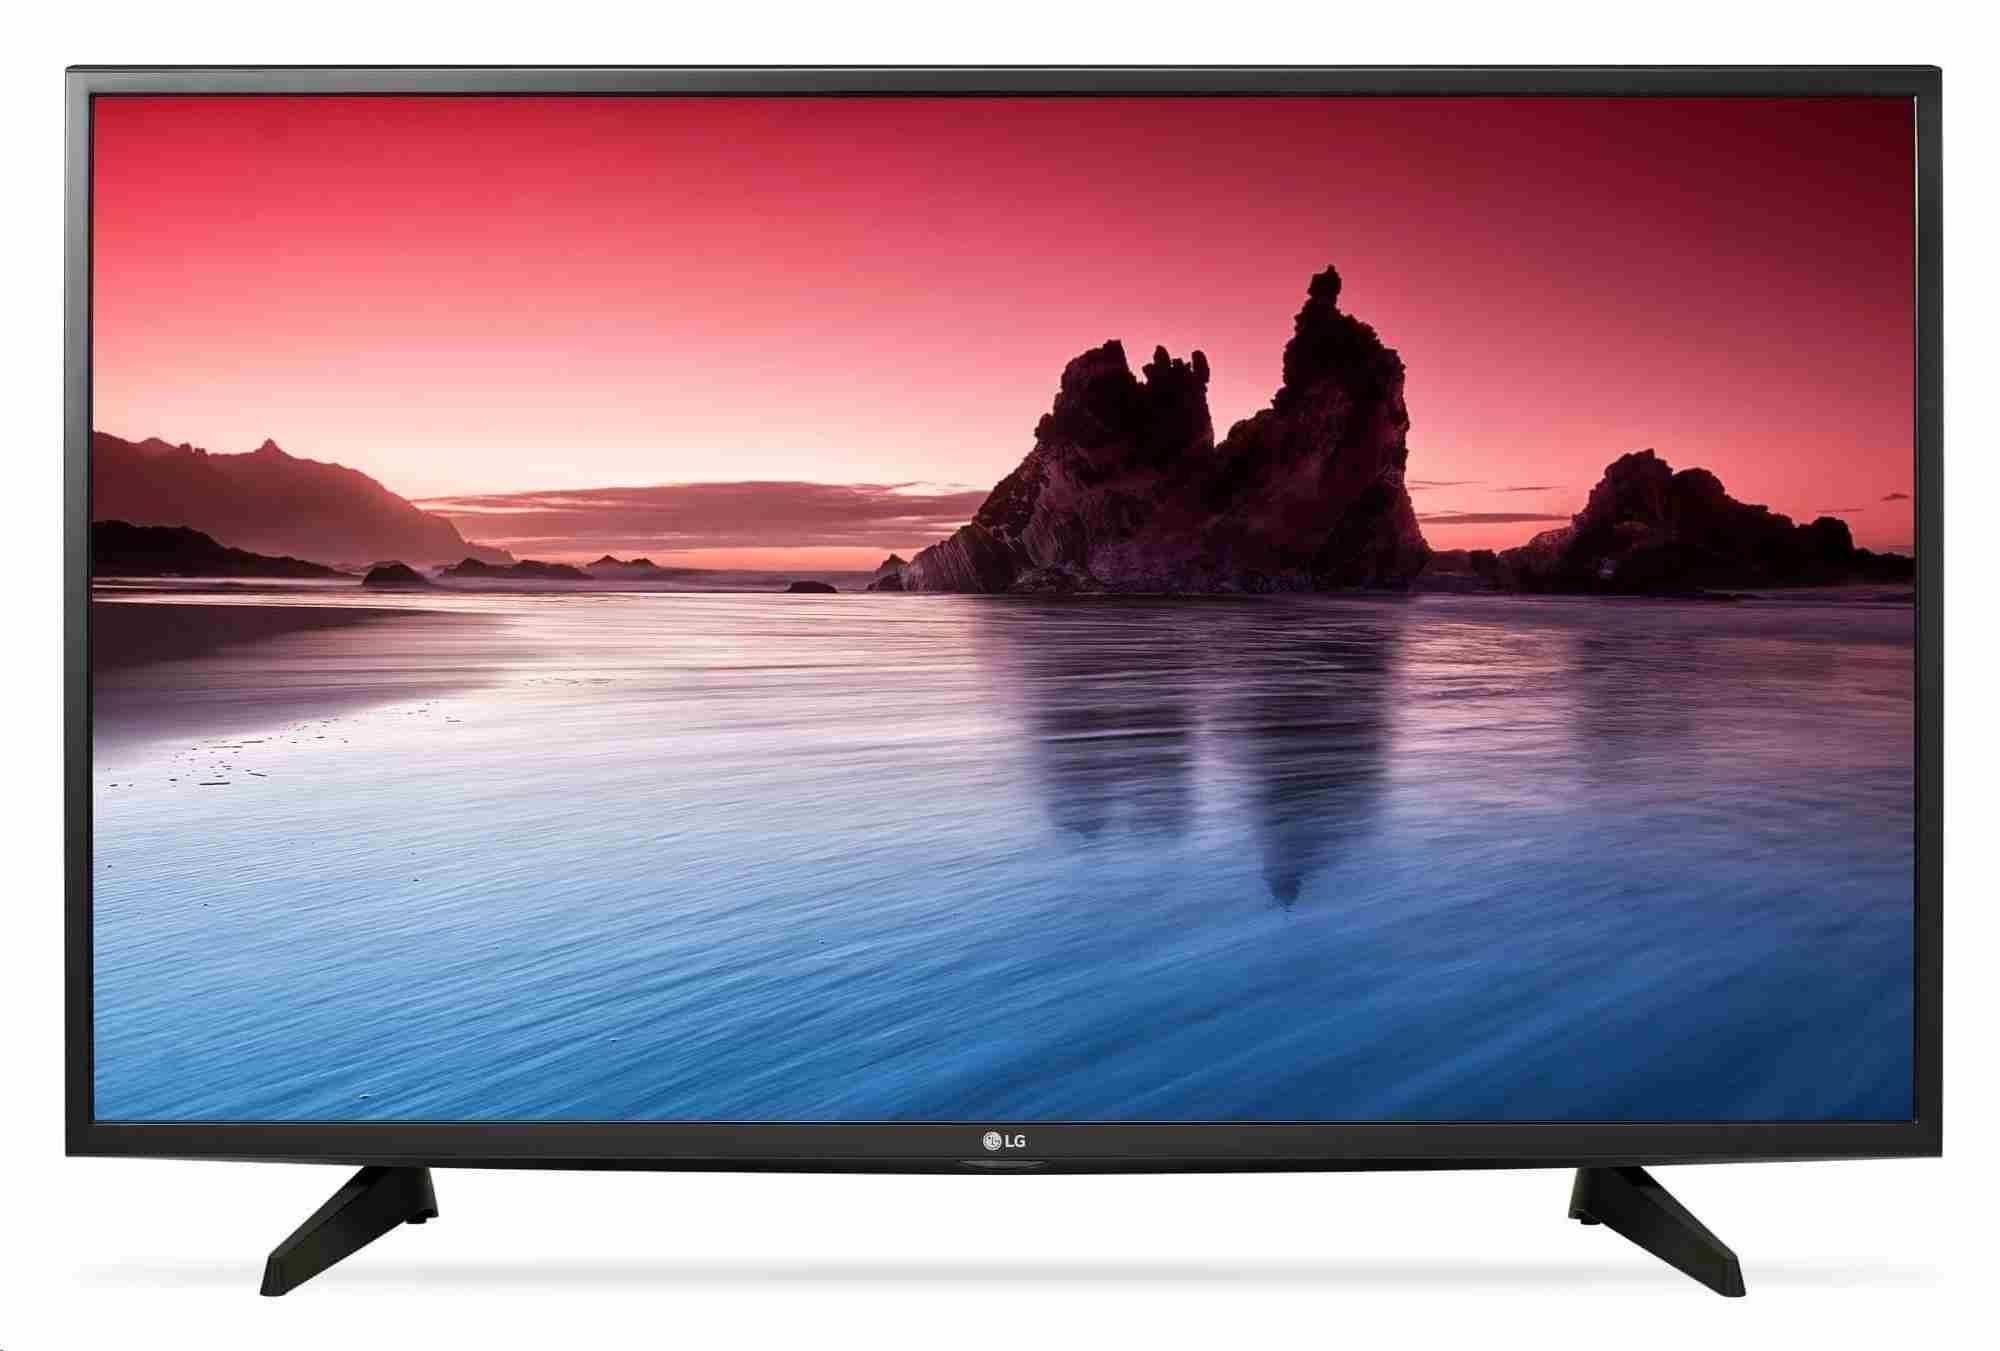 """LG 43LK5100PLA LED TV; 43"""" 108cm; FHD 1920x1080; Bez OS; USB přehrávání/nahrávání; VESA; HDMI; USB; DVB-T2/C/S2; 16:9; A"""